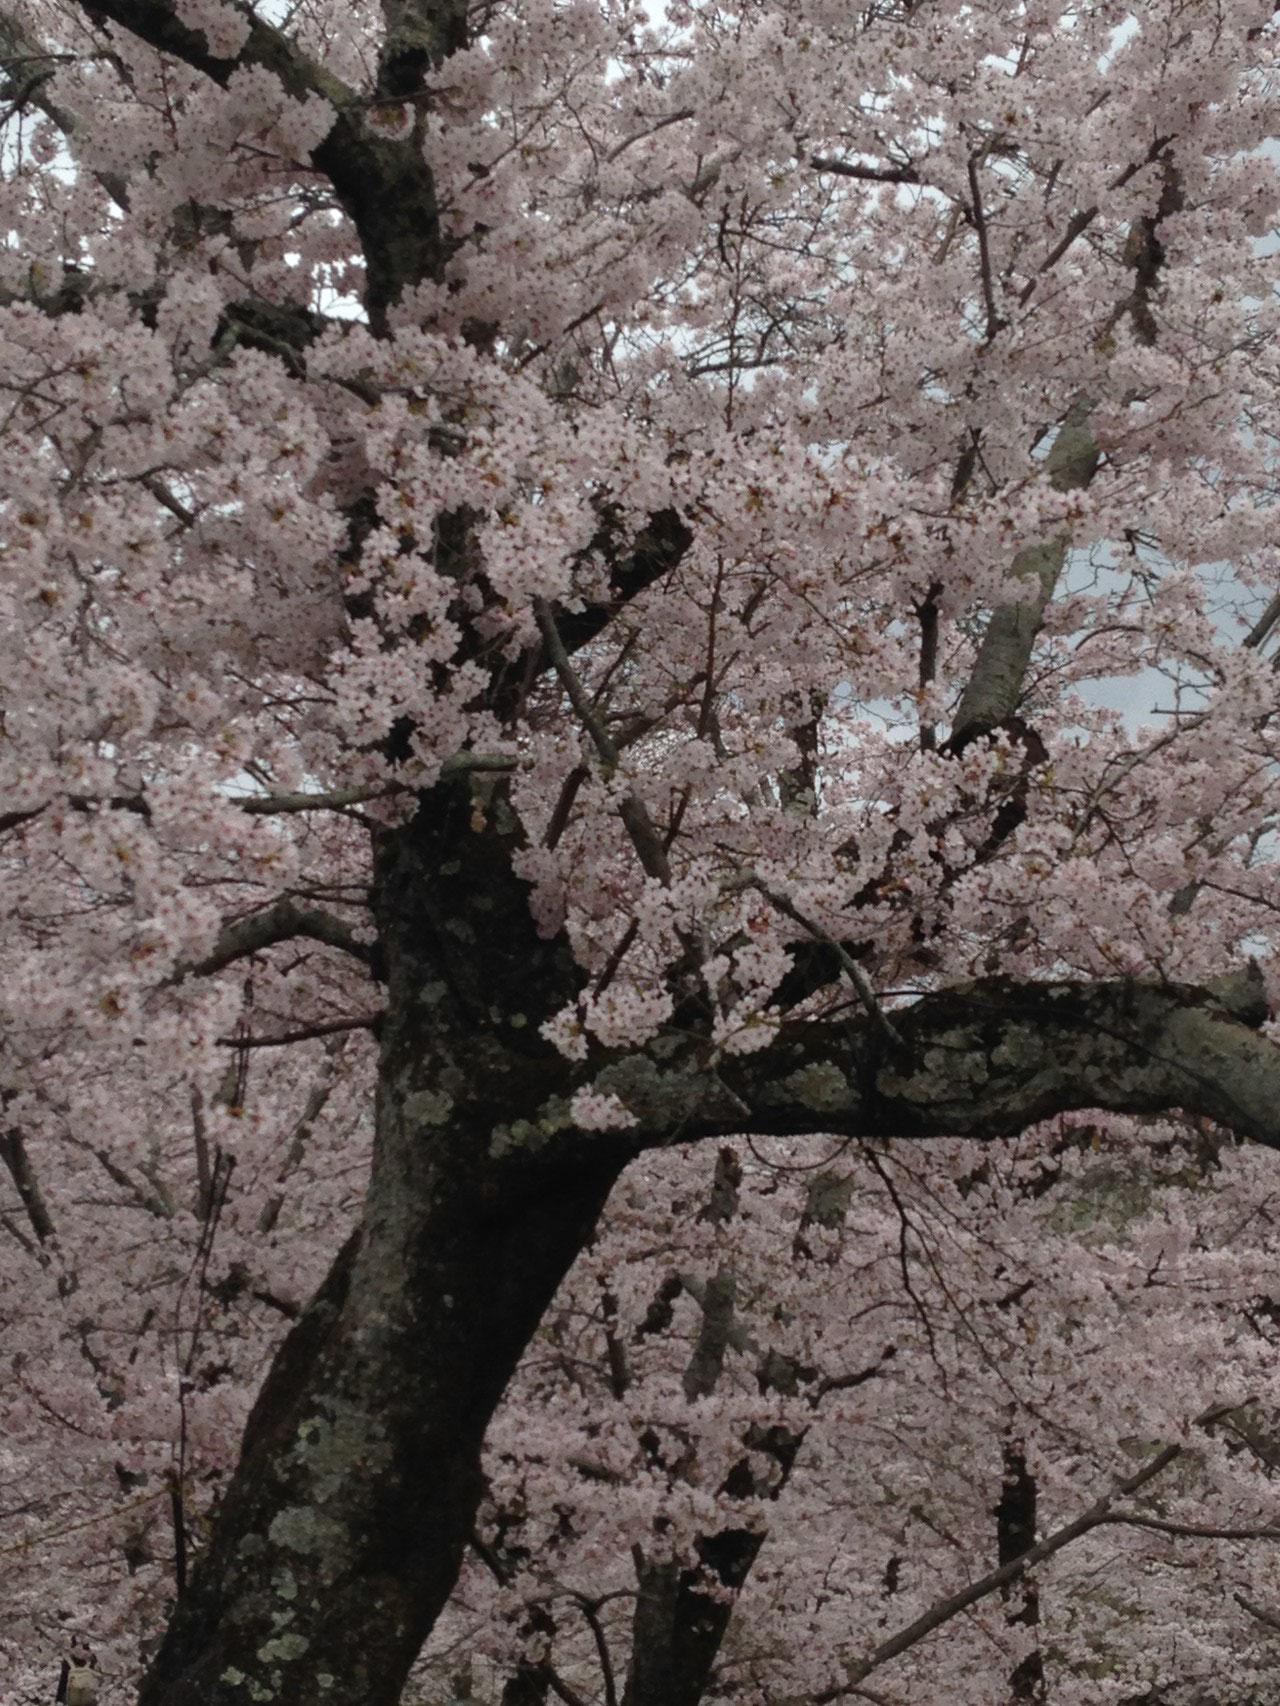 枯れ木に花が咲く、桜は奇跡